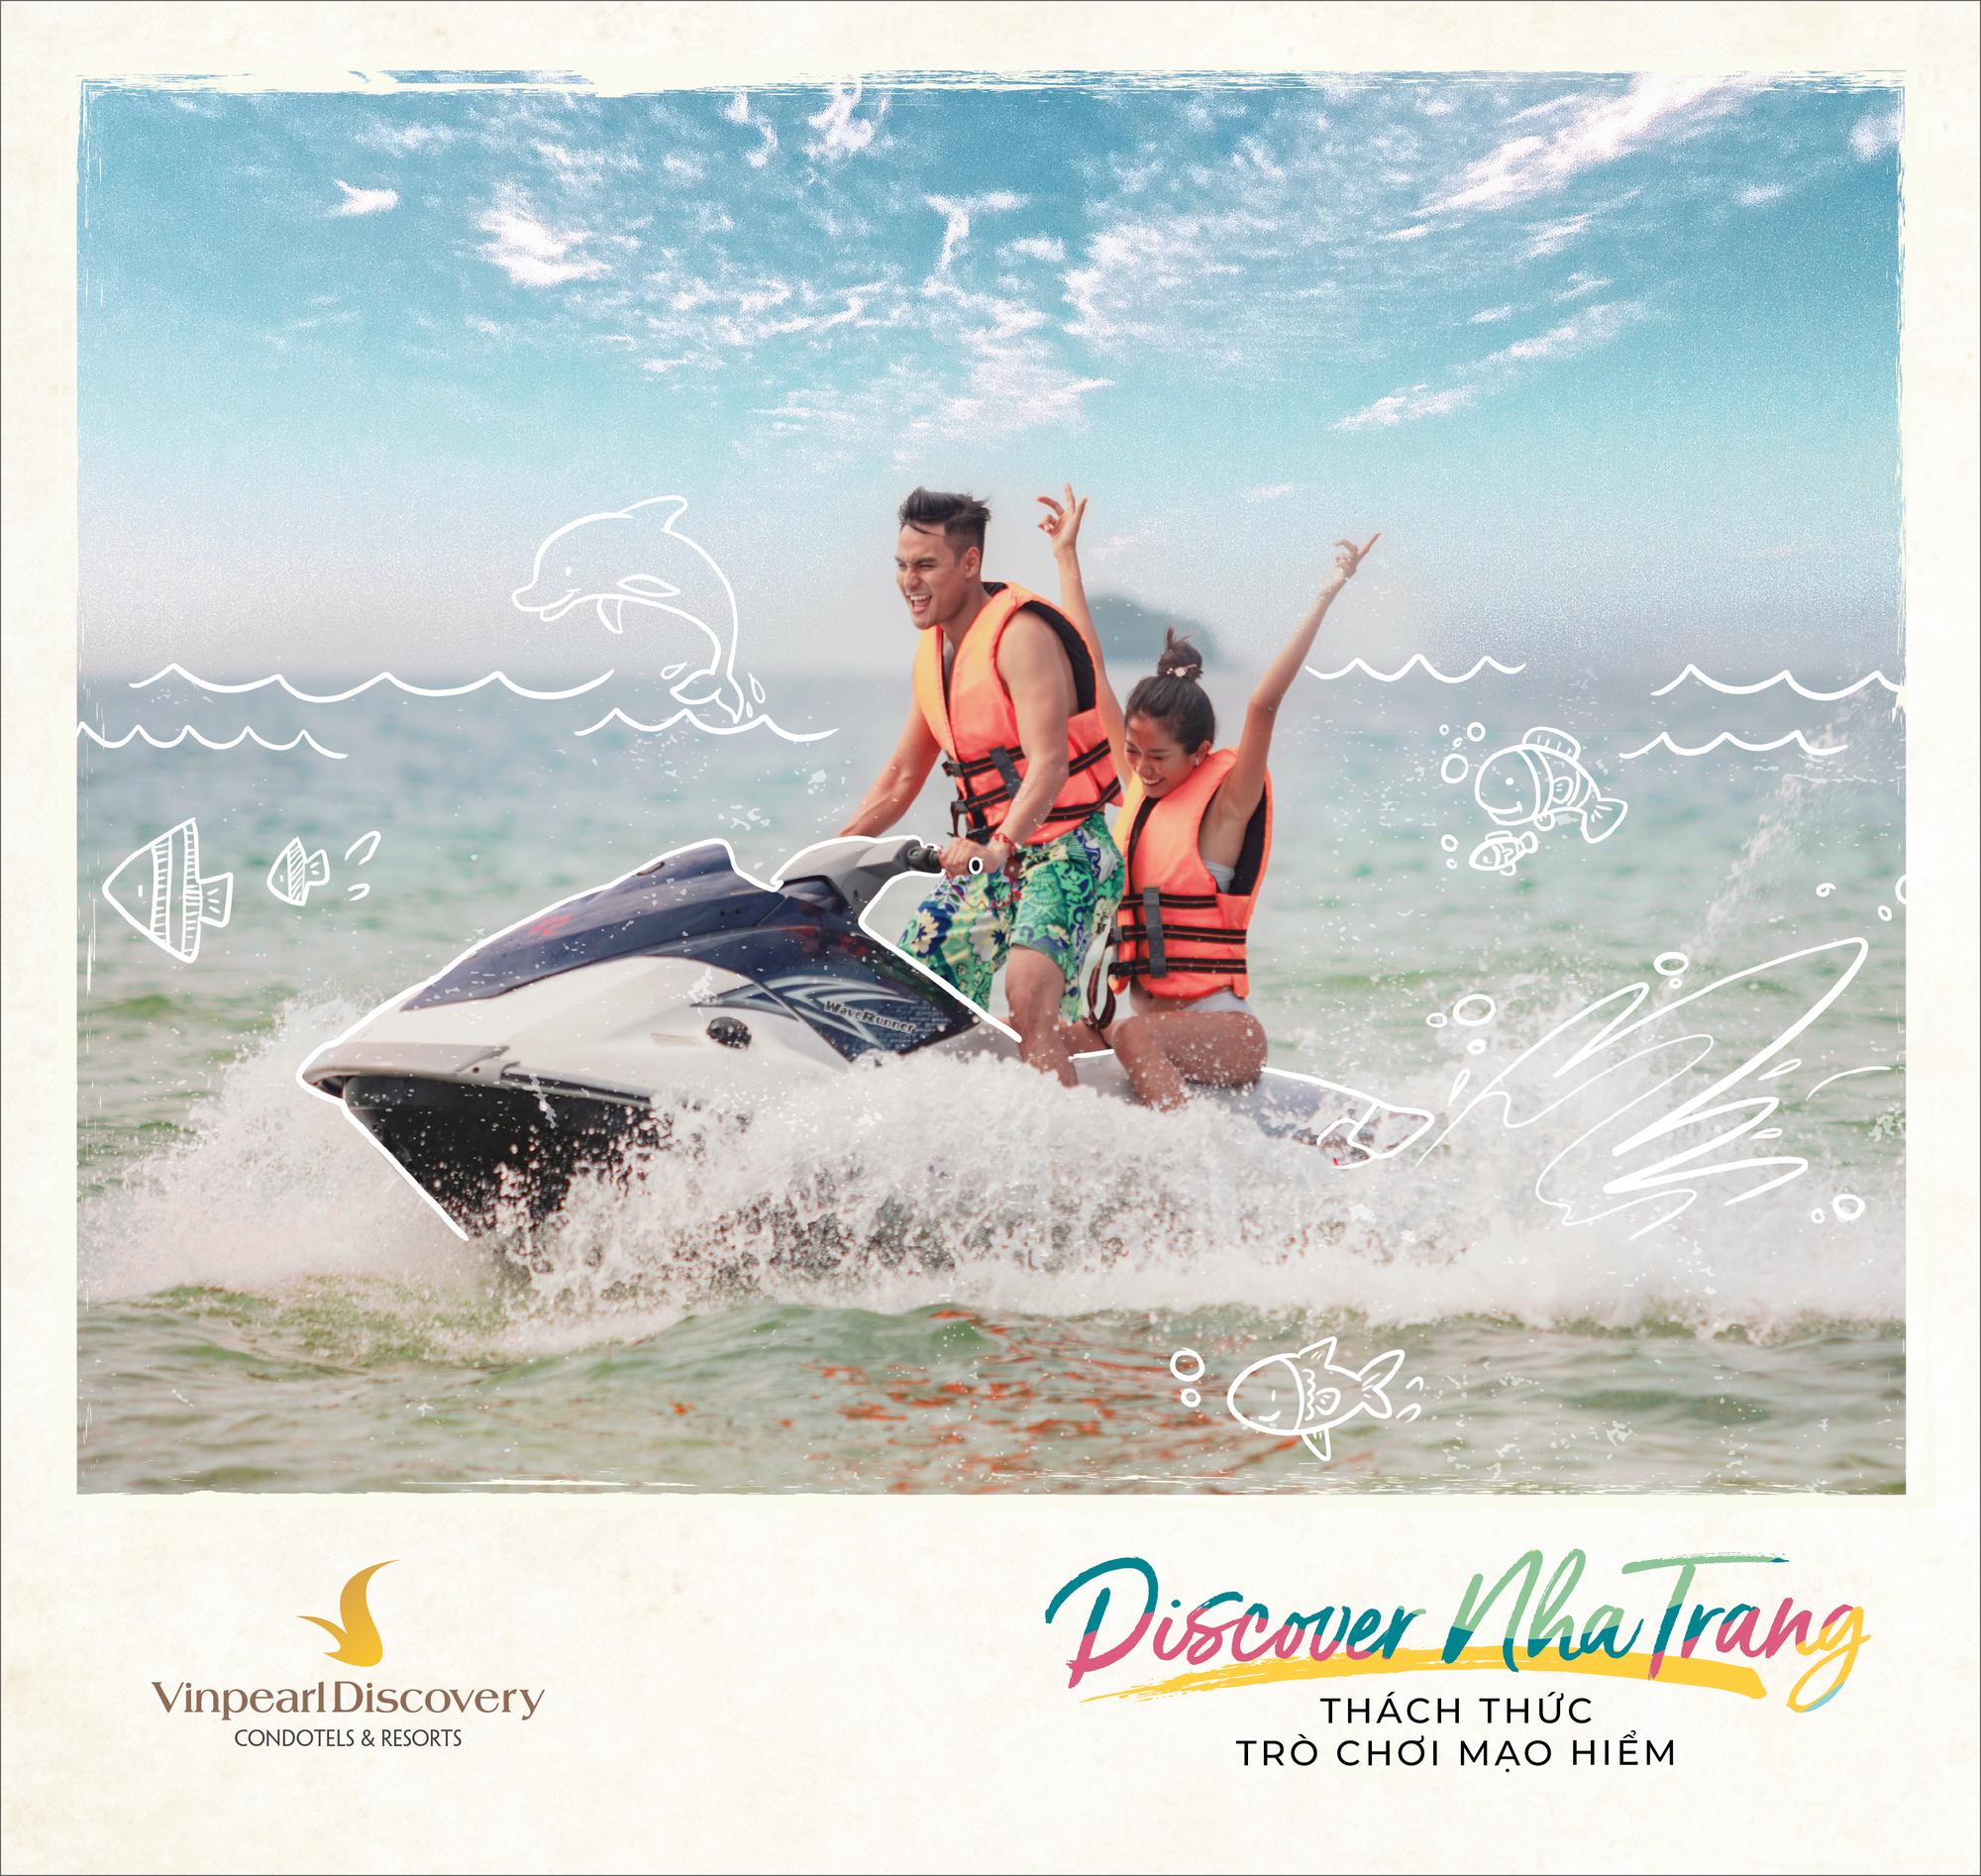 5 thiên đường biển tại Việt Nam với nhiều trải nghiệm thú vị cho kỳ nghỉ lễ trước hè - Ảnh 5.